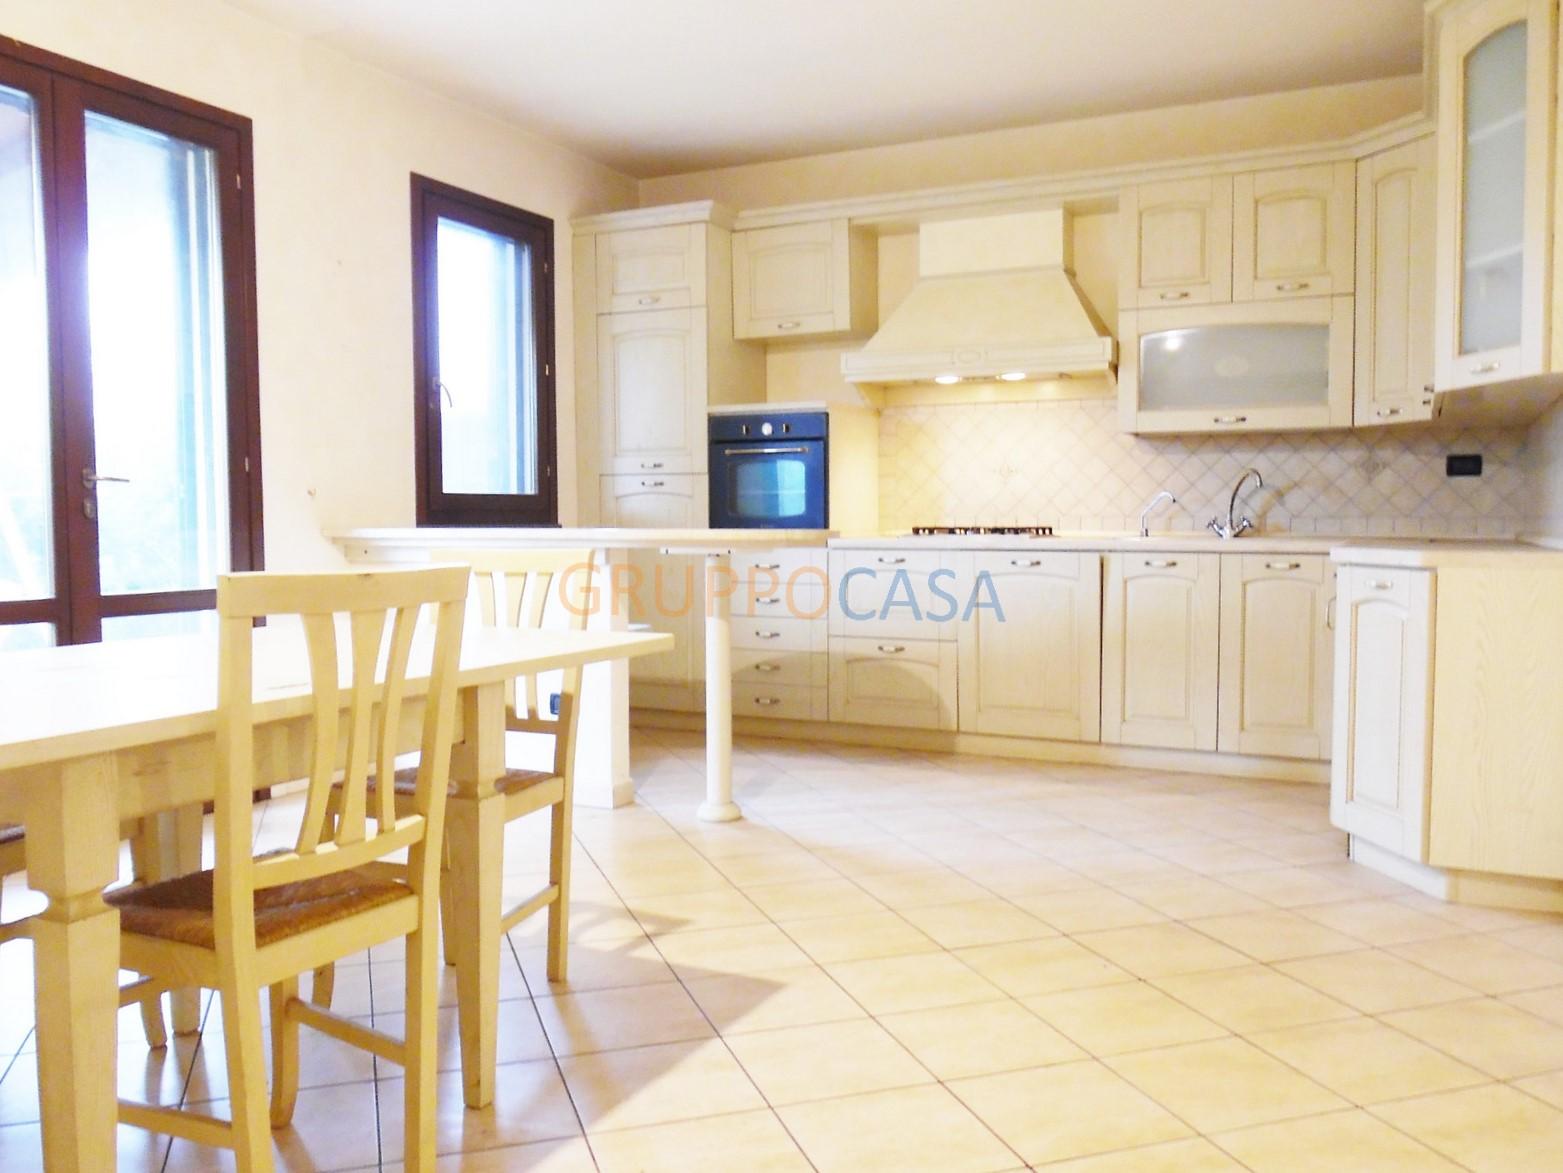 Villa in vendita a Castelfranco di Sotto, 6 locali, zona Località: VillaCampanile, prezzo € 235.000 | Cambio Casa.it